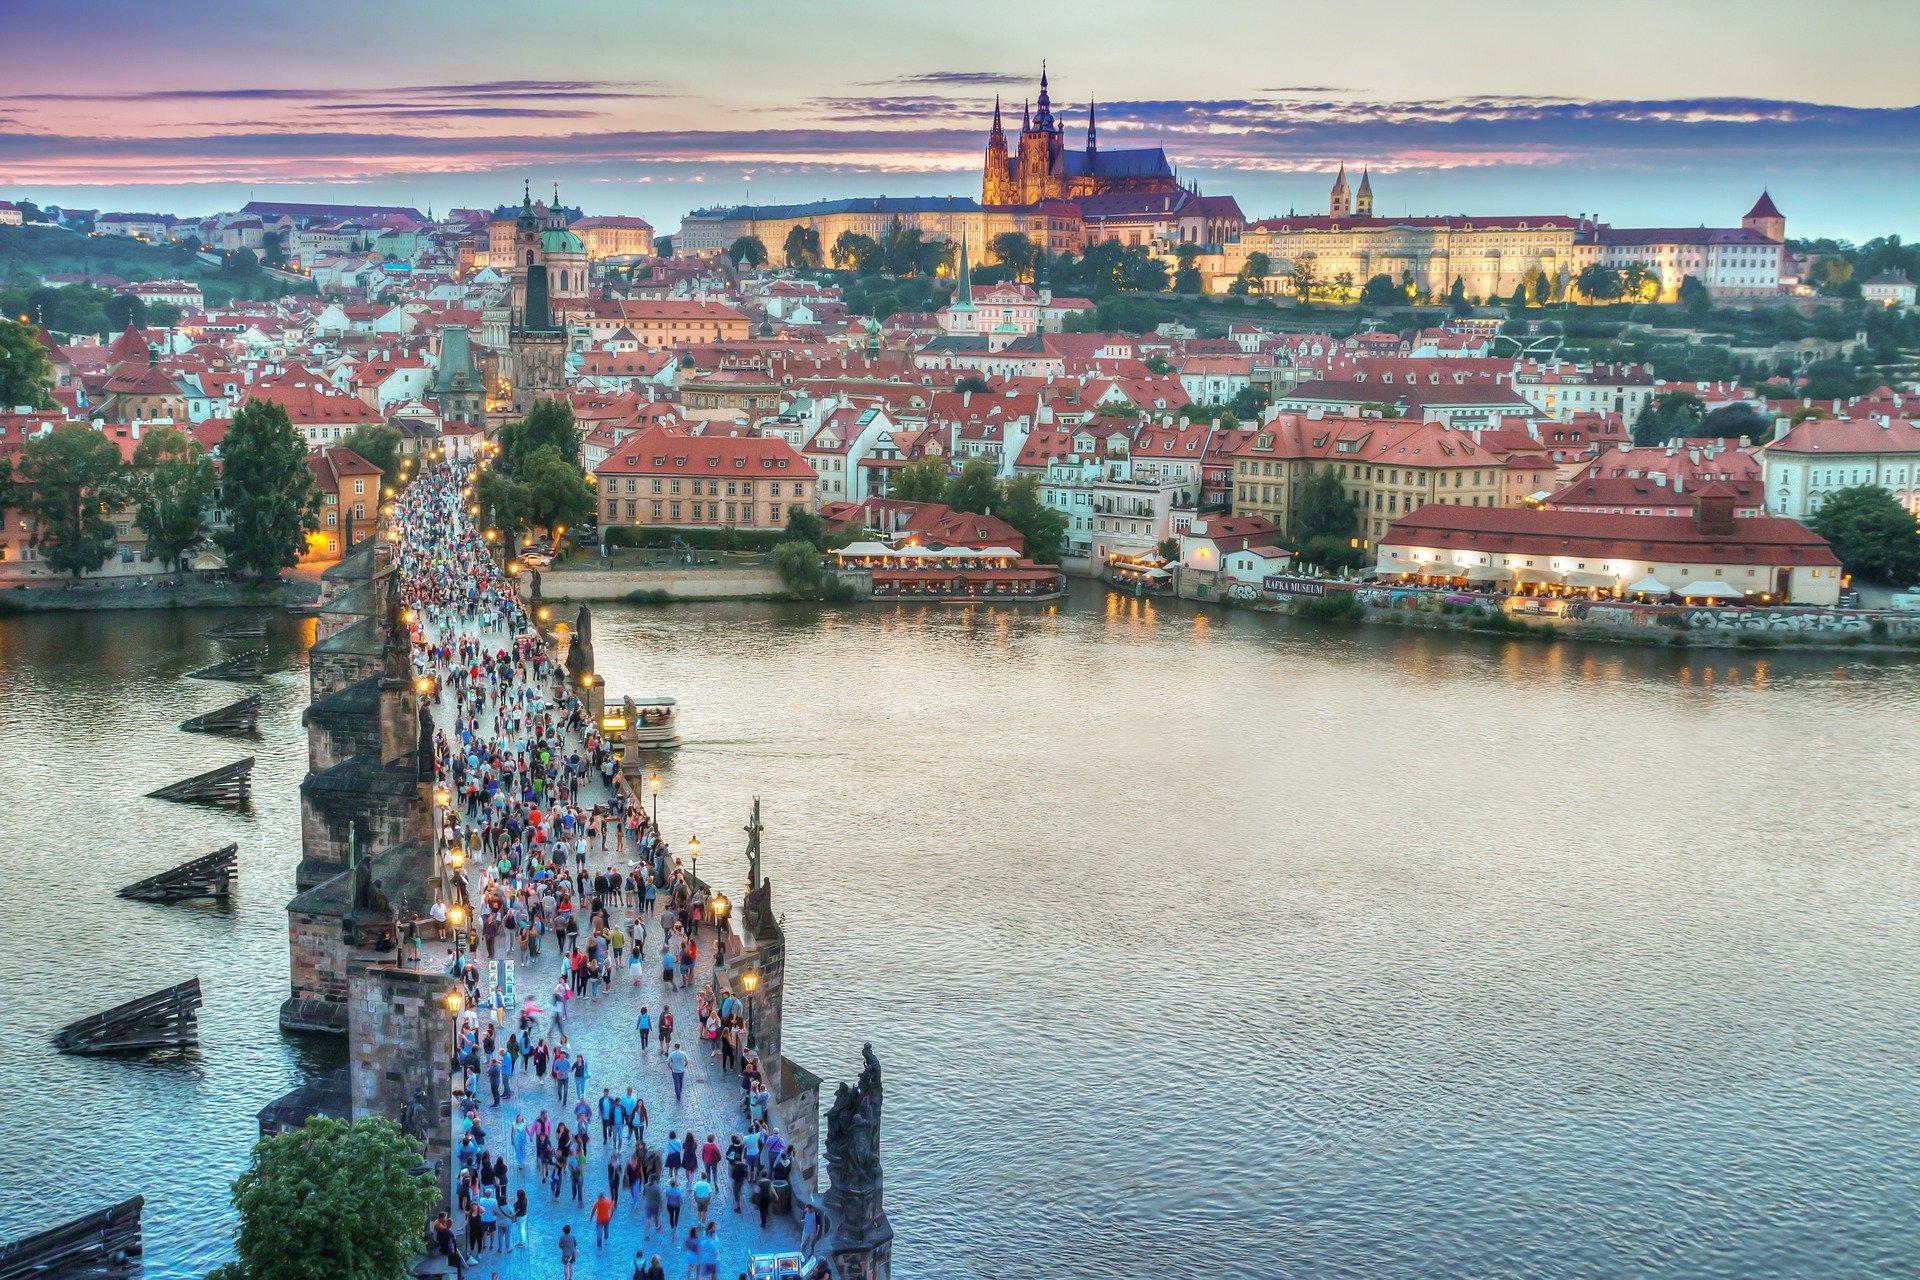 مدن وأفق -1- معلومات عامة